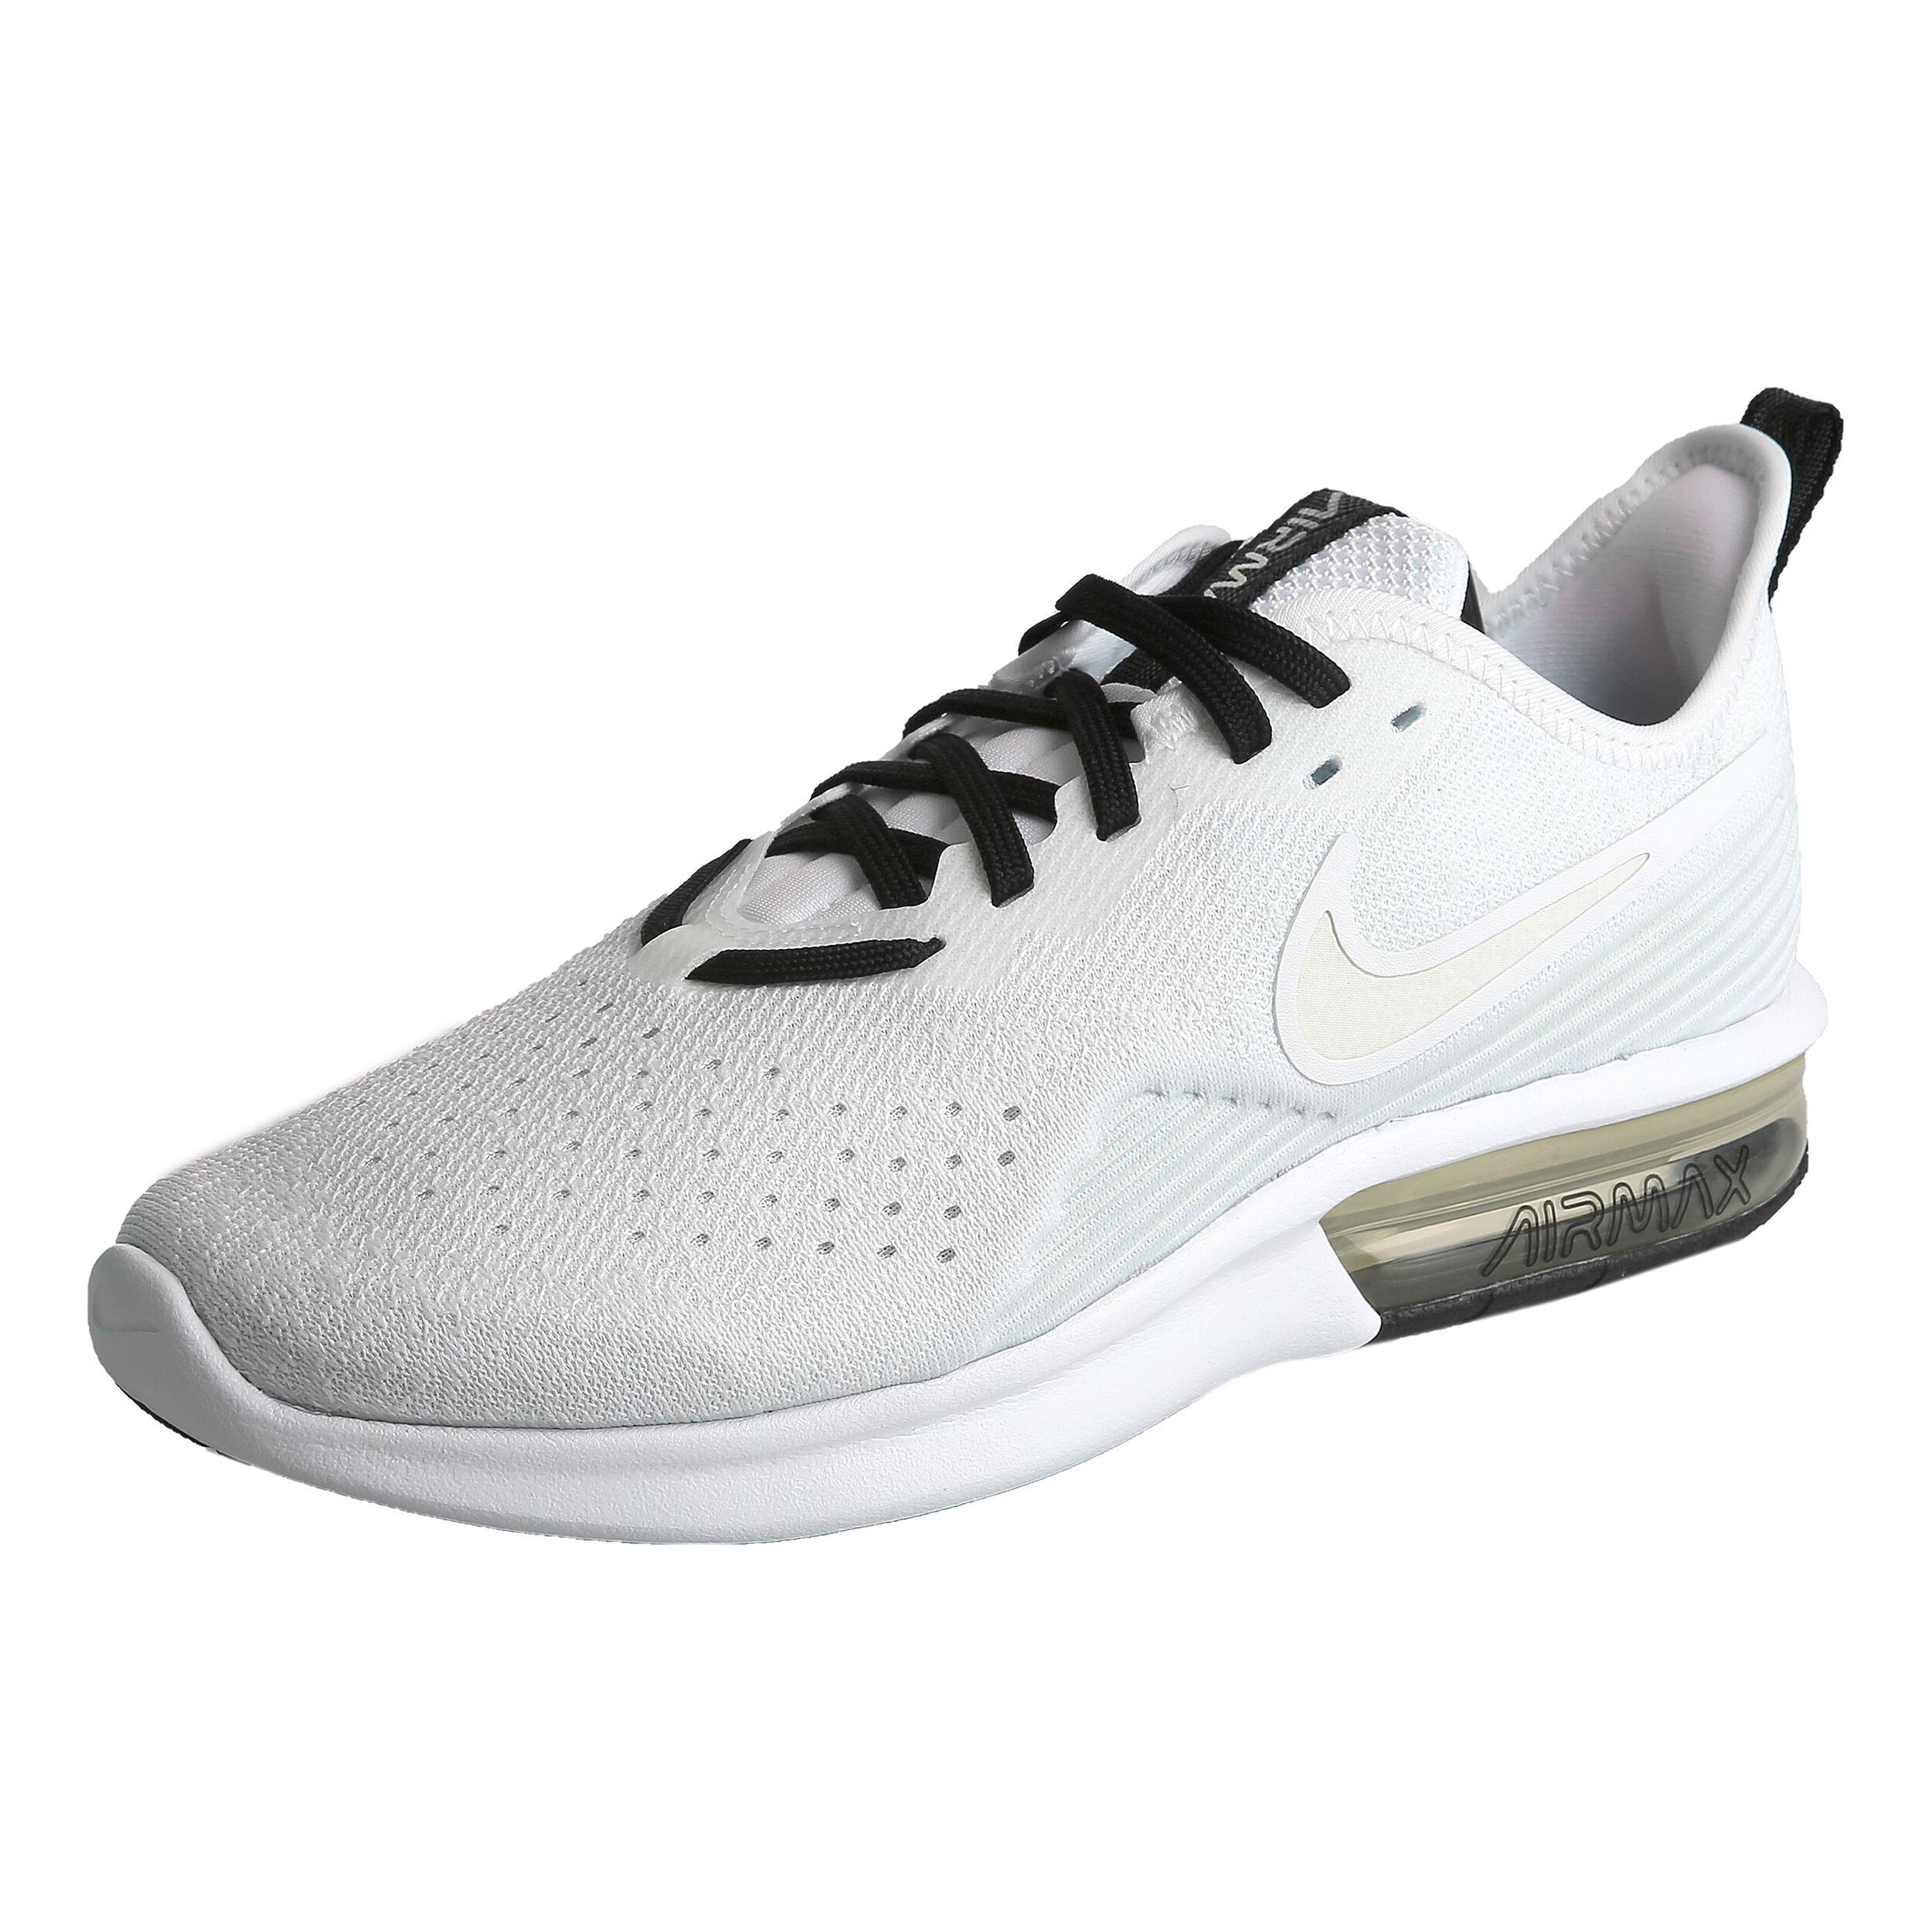 Nike Air Max Sequent 4 Neutralschuh Damen Hellgrau, Weiß